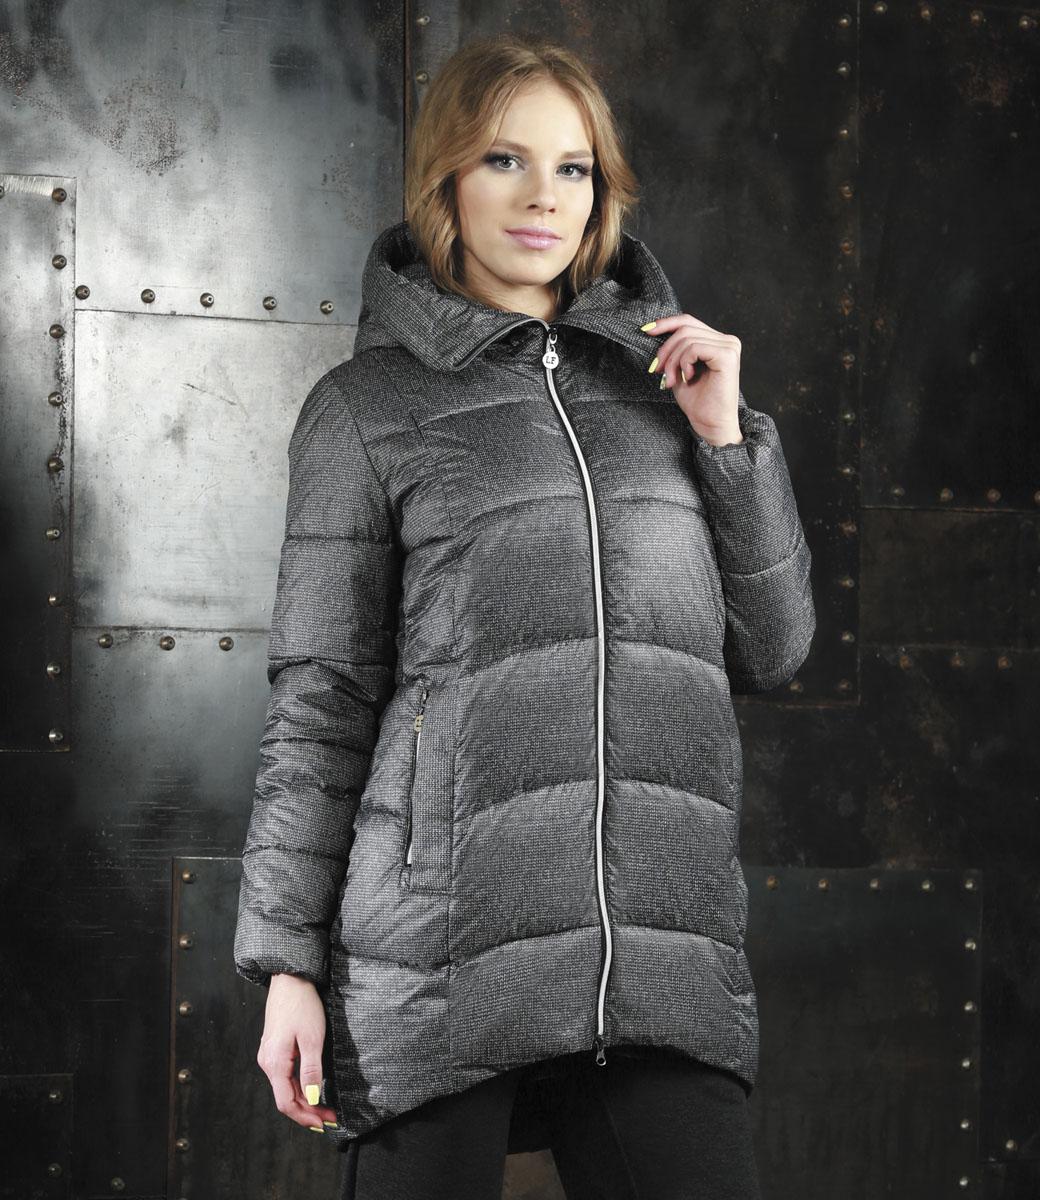 Куртка женская Grishko, цвет: серый. AL-2961/1. Размер 48AL-2961/1Удобная и комфортная женская куртка Grishko модного силуэта кокон выполнена из высококачественного полиамида и 100% утеплителя-полиэстера.Модель застегивается на застежку-молнию спереди и дополнена элегантным глубоким капюшоном, дополнительно защищающим от непогоды. Длина до середины бедра, удлиненная по спинке ассиметричная линия низа, 2 боковых втачных кармана на молнии и один потайной внутри изделия. Такая курточка оформлена оригинальным цветочным узором. Незаменимая модель в холодную осеннюю и зимнюю погоду. Утеплитель 100% полиэстер.